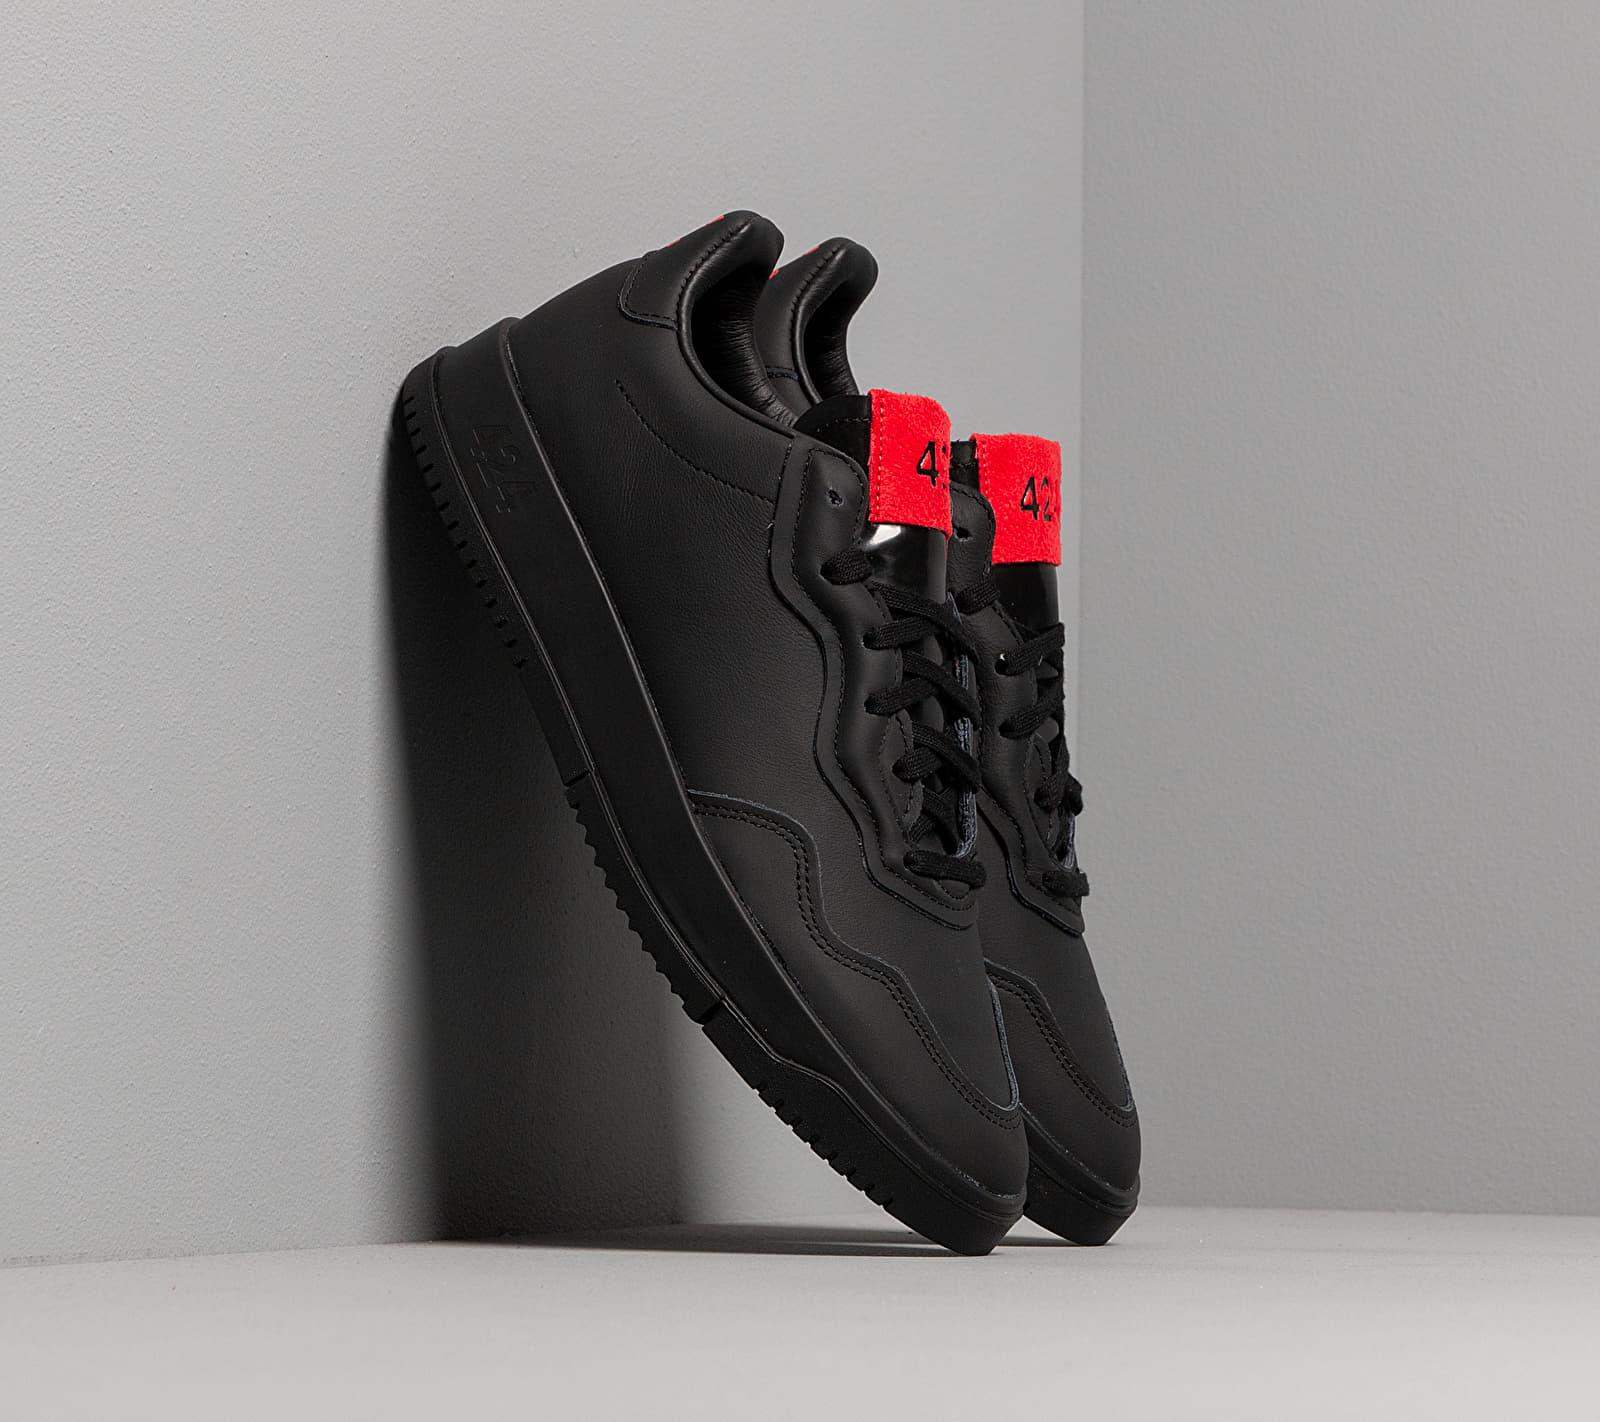 adidas x 424 SC Premiere Supplier Colour/ Supplier Colour/ Scarlet EG3729